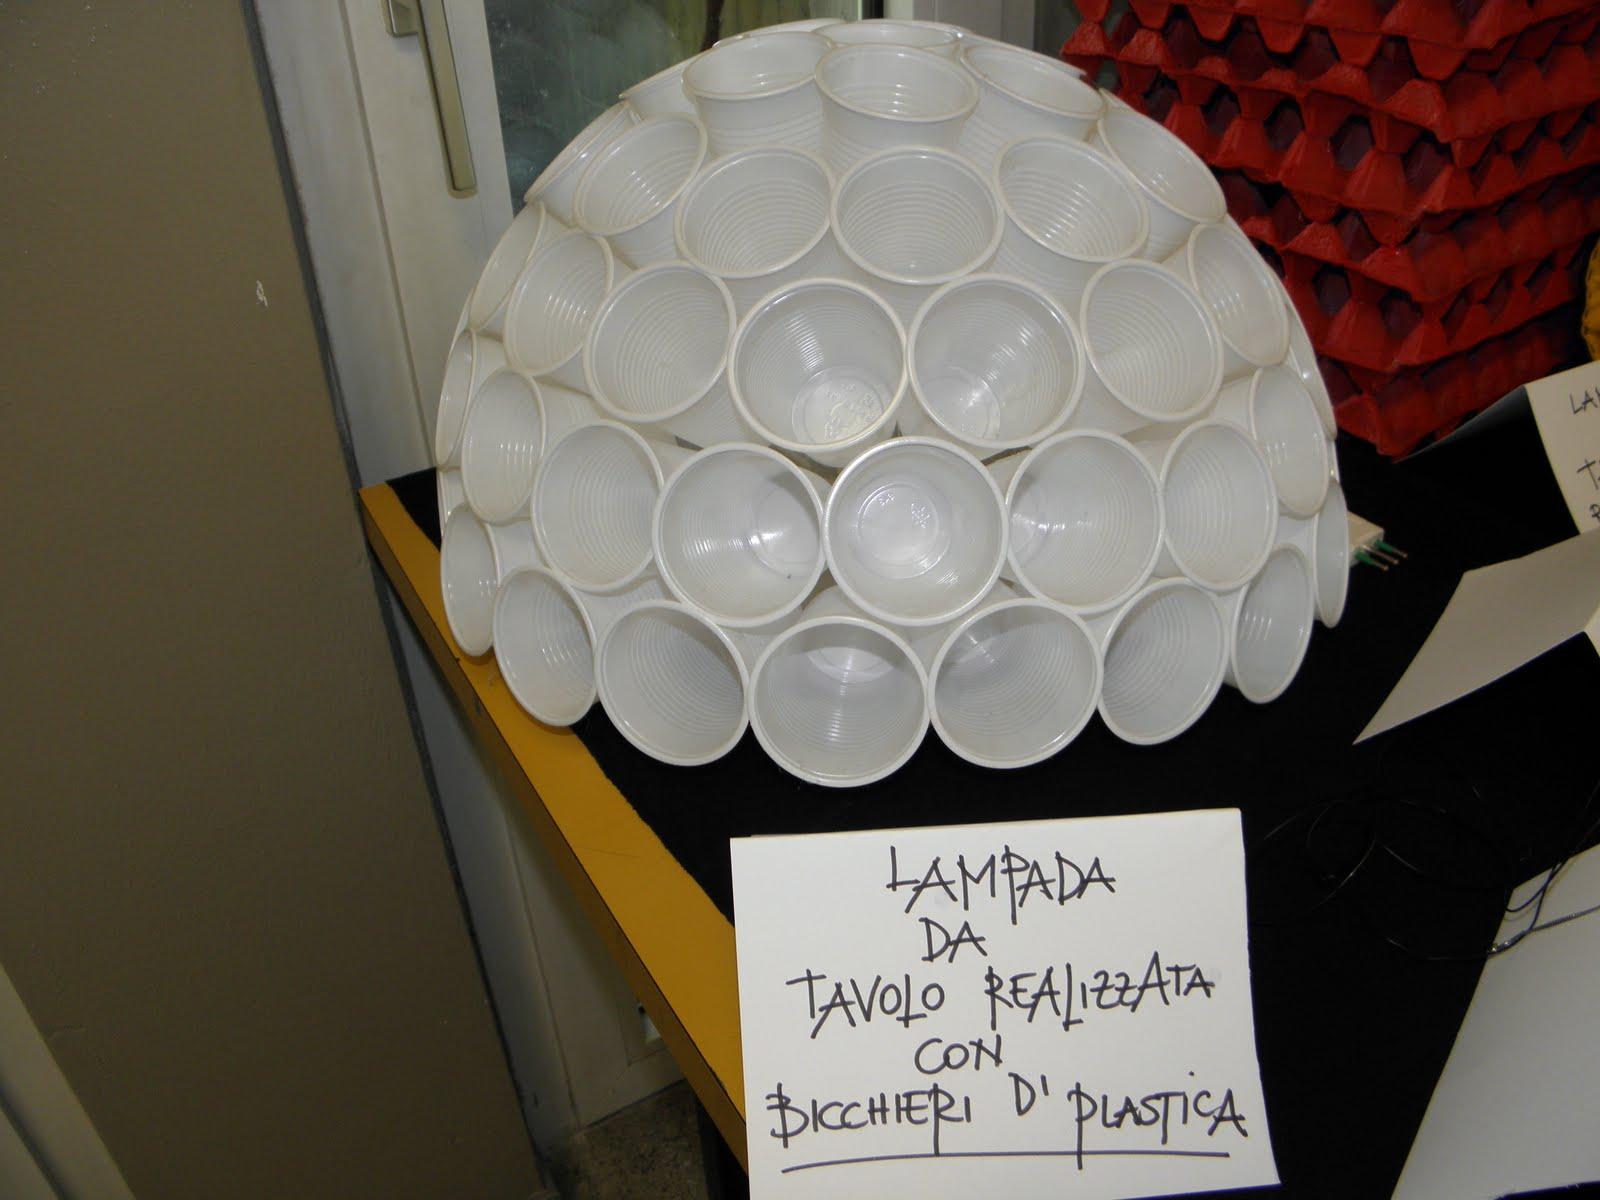 lampadari di plastica : ... cuciti tra di loro lampada realizzata con i bicchieri di plastica